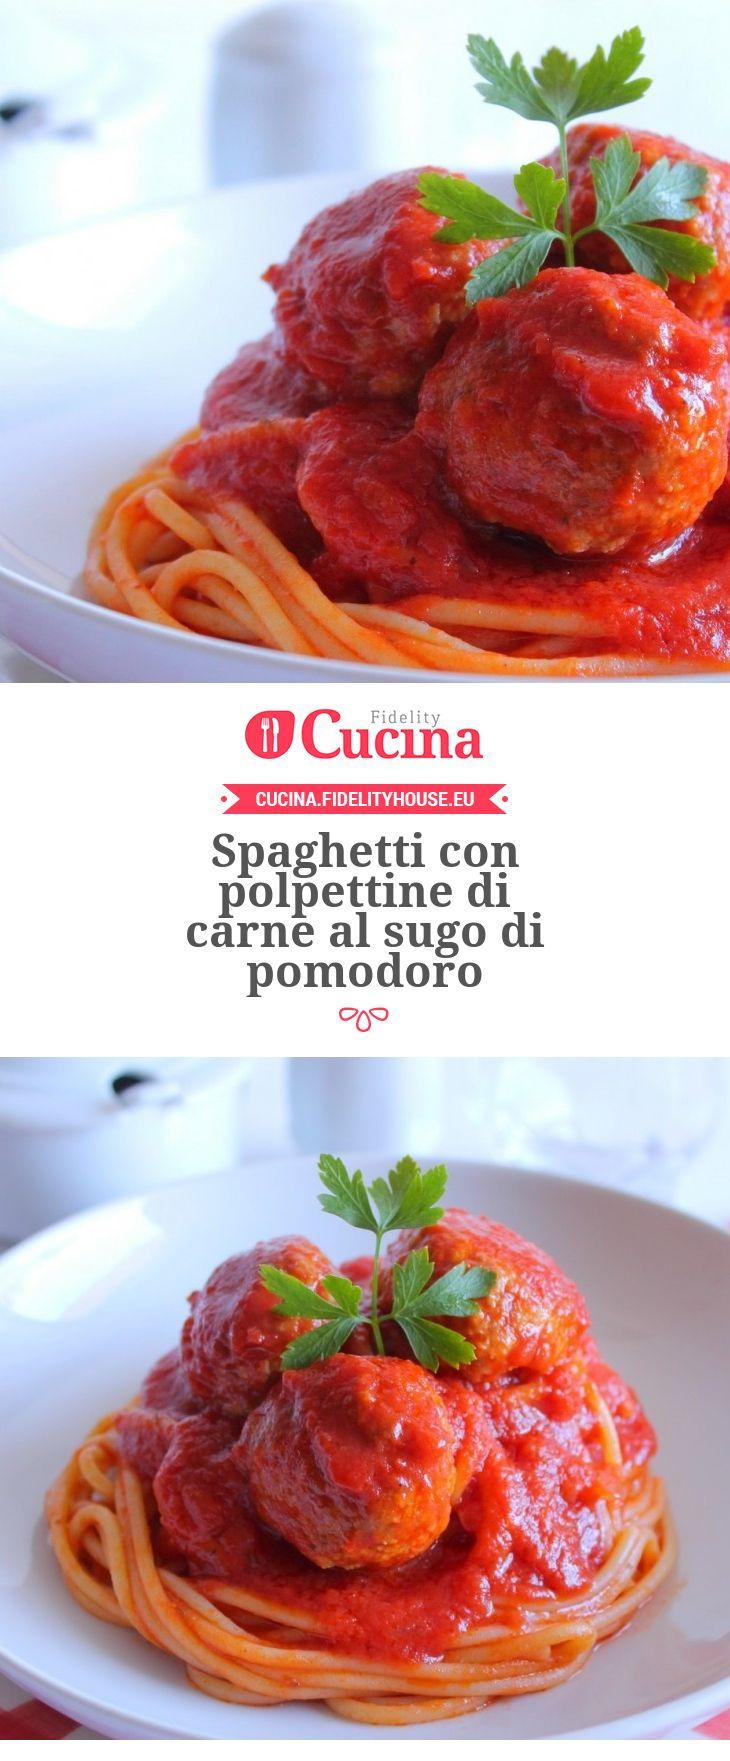 Spaghetti con polpettine di carne al sugo di pomodoro della nostra utente Giovanna. Unisciti alla nostra Community ed invia le tue ricette!